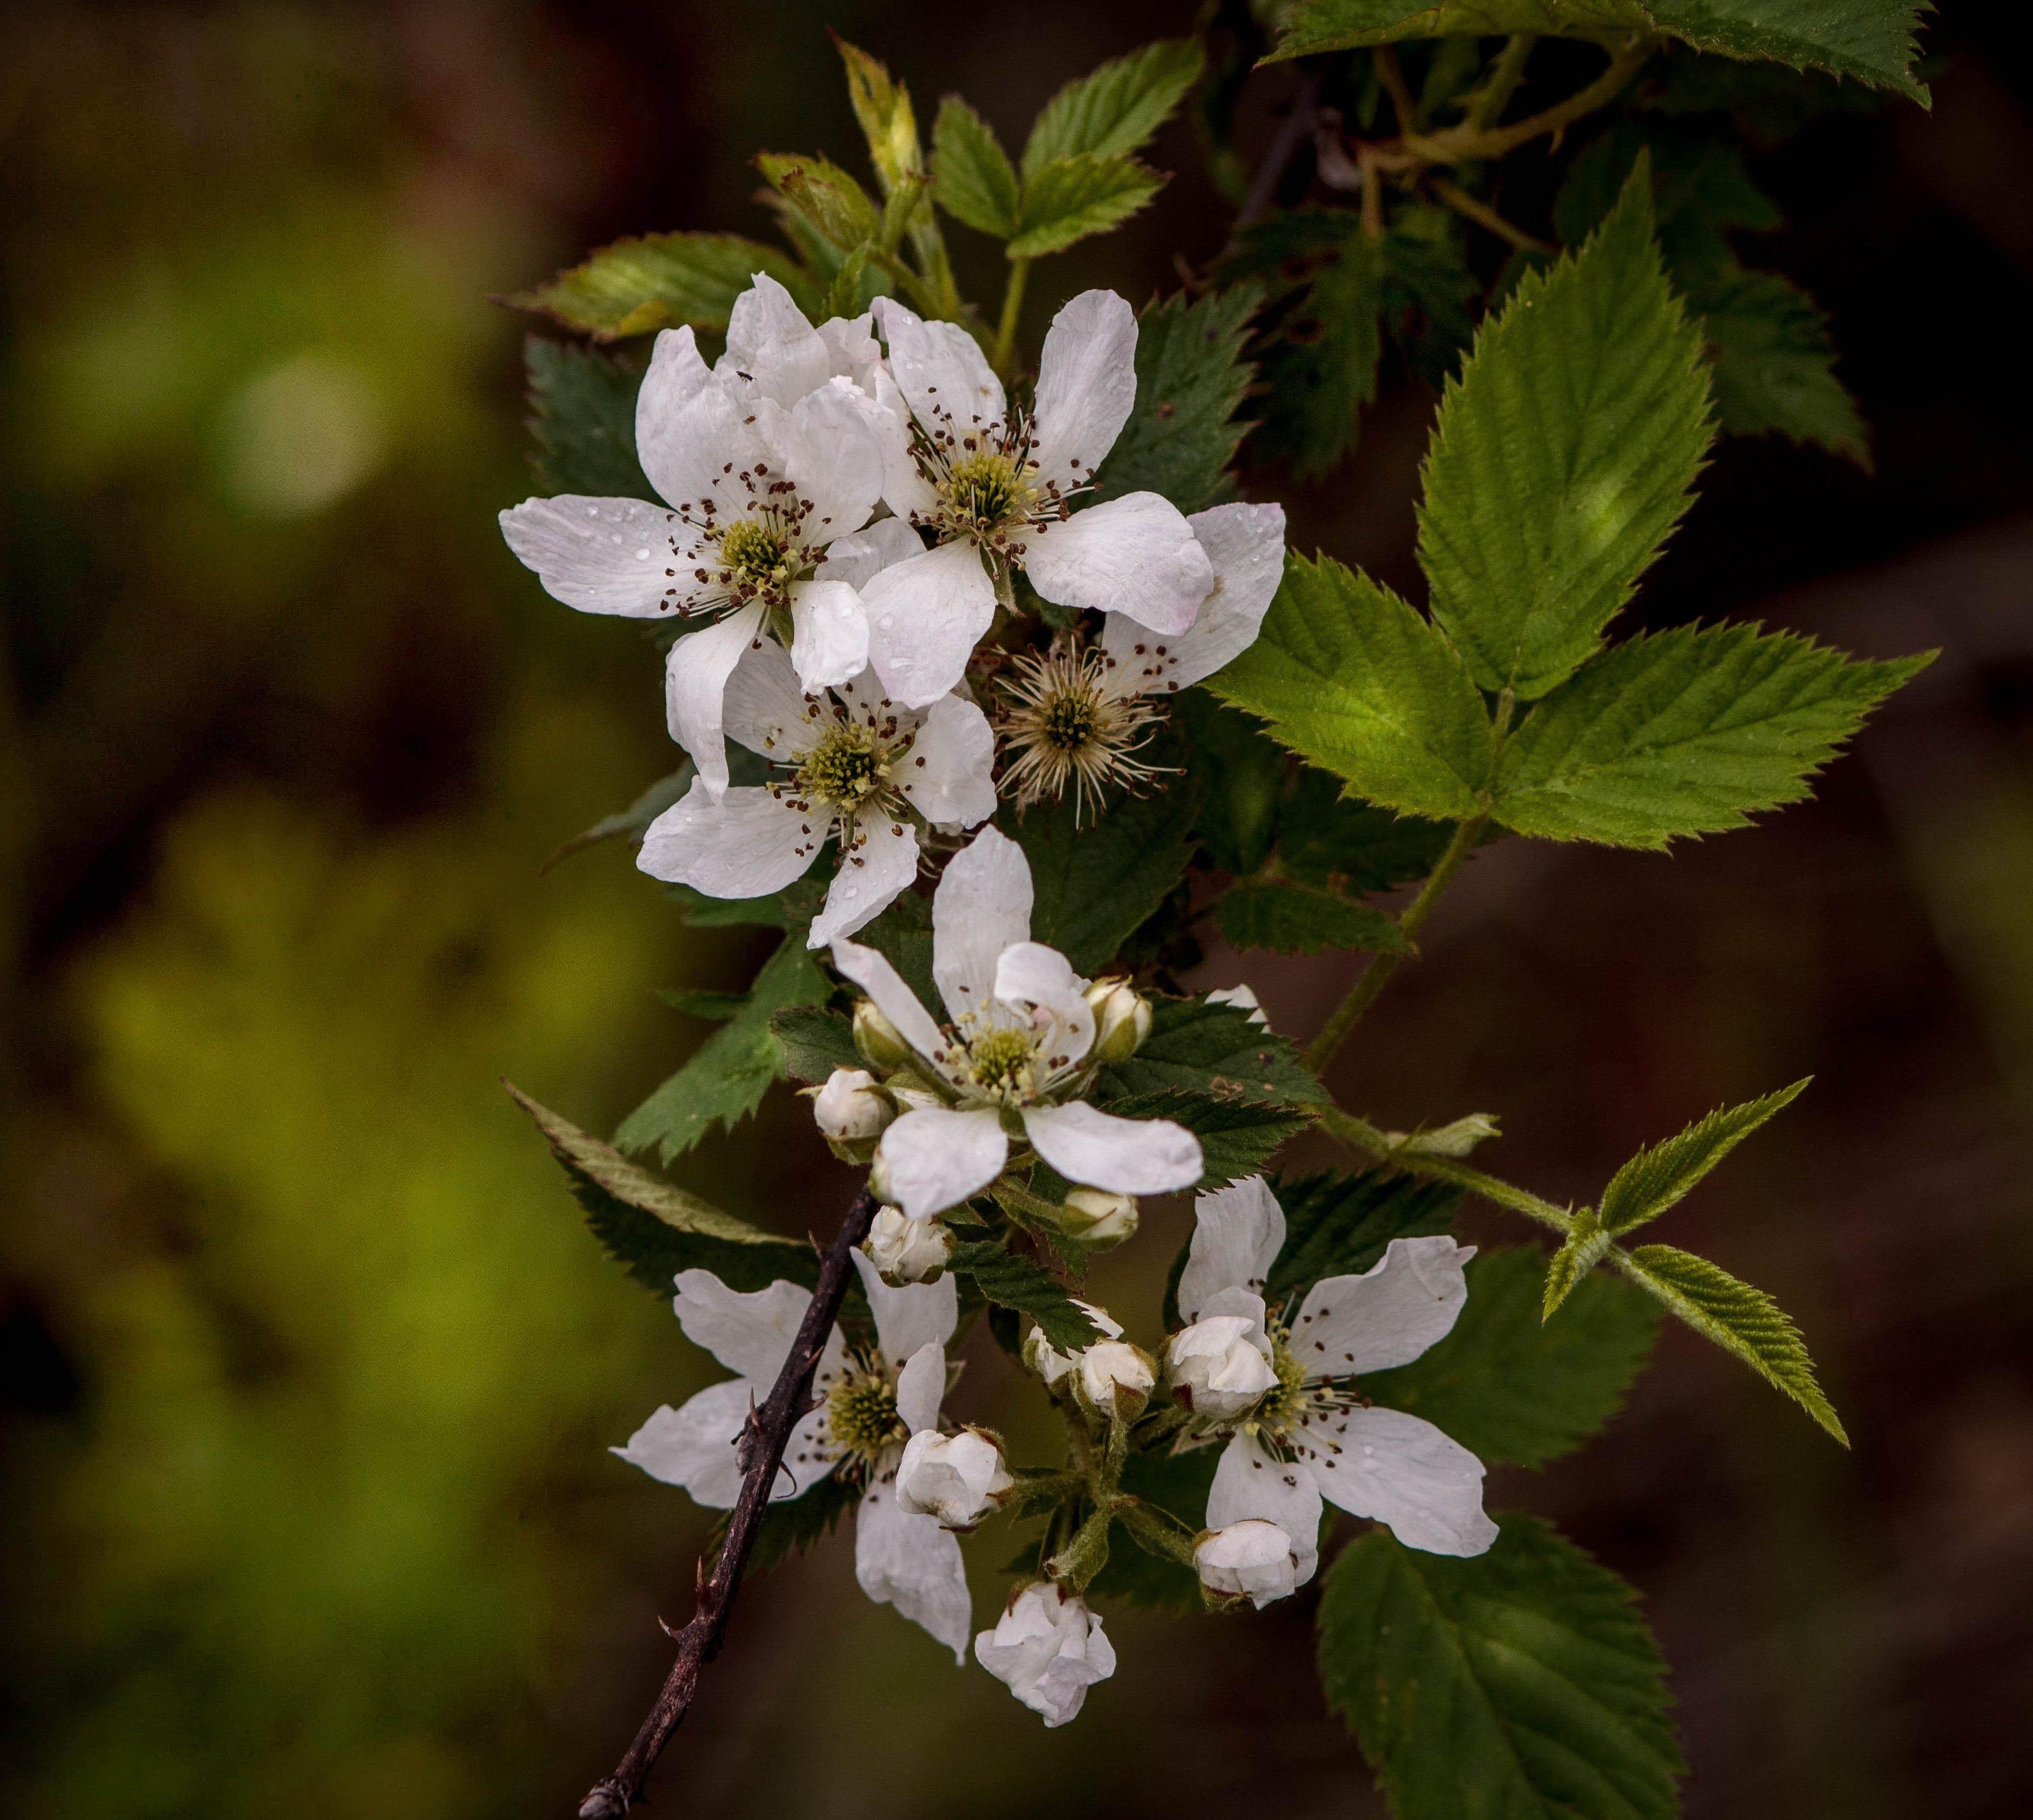 banco de imagens ramo flor plantar fruta flor comida produzir botnica flora flores silvestres arbusto espinhos macro fotografia